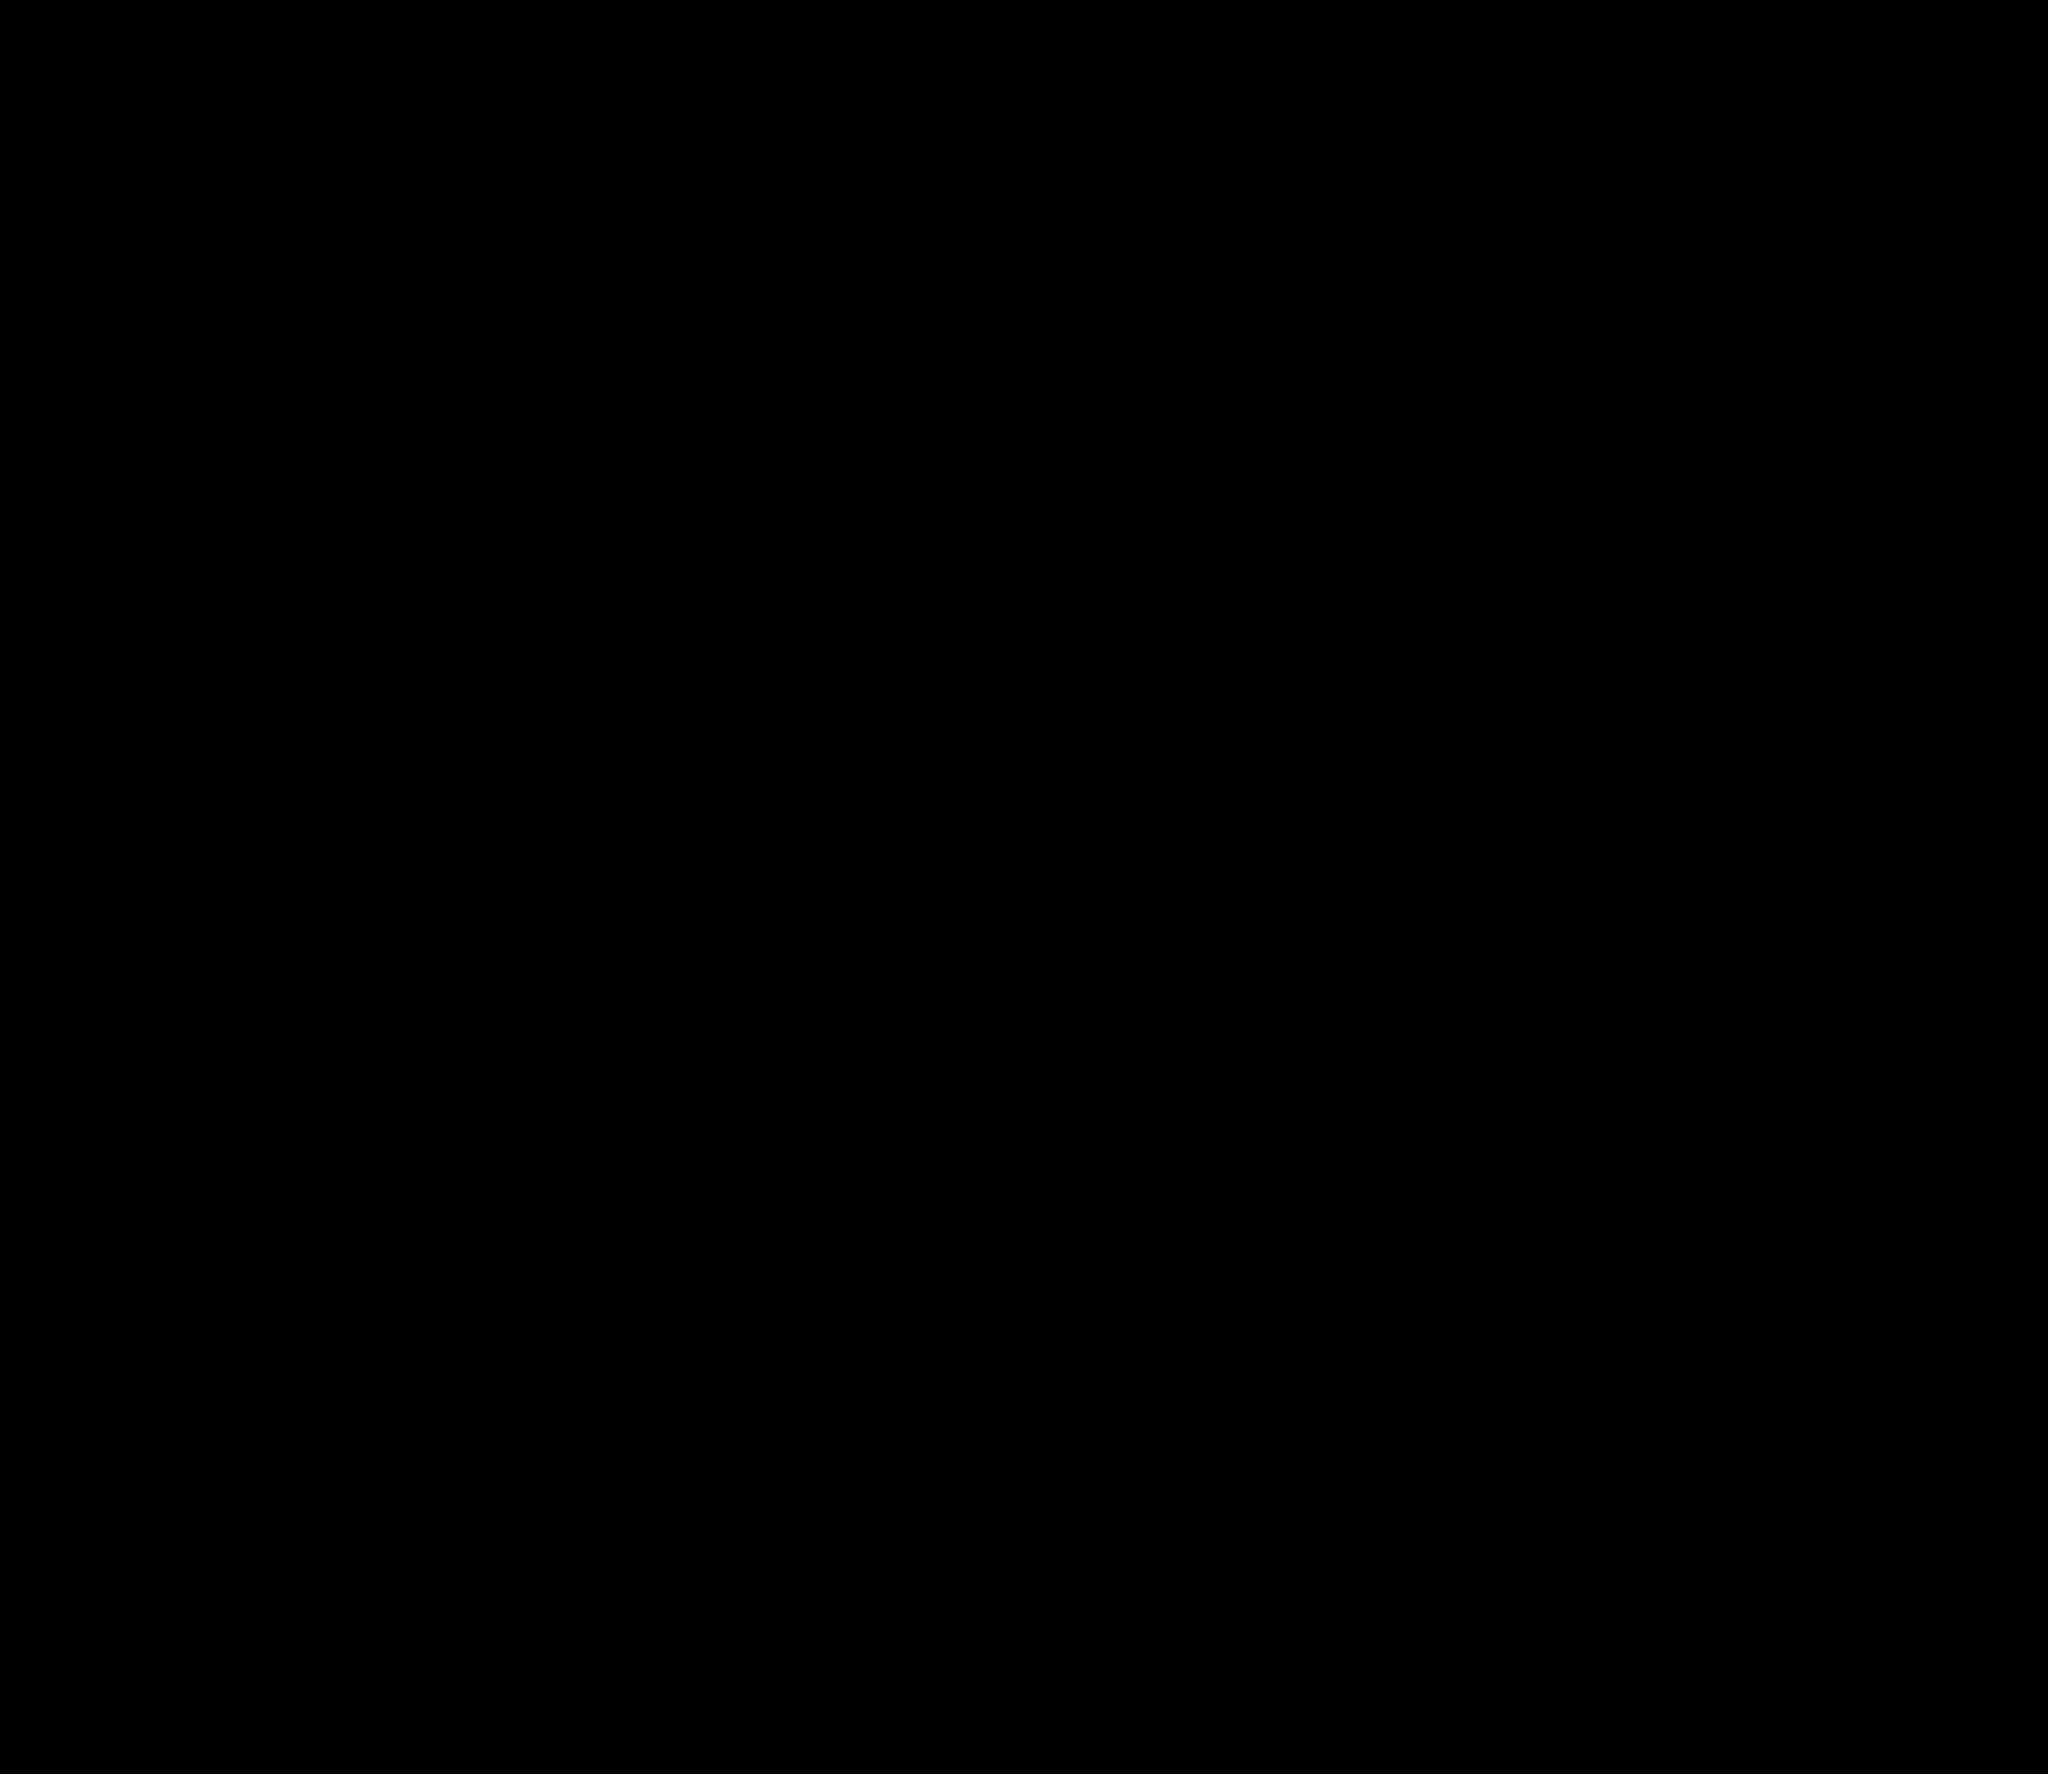 ezgif.com-gif-maker